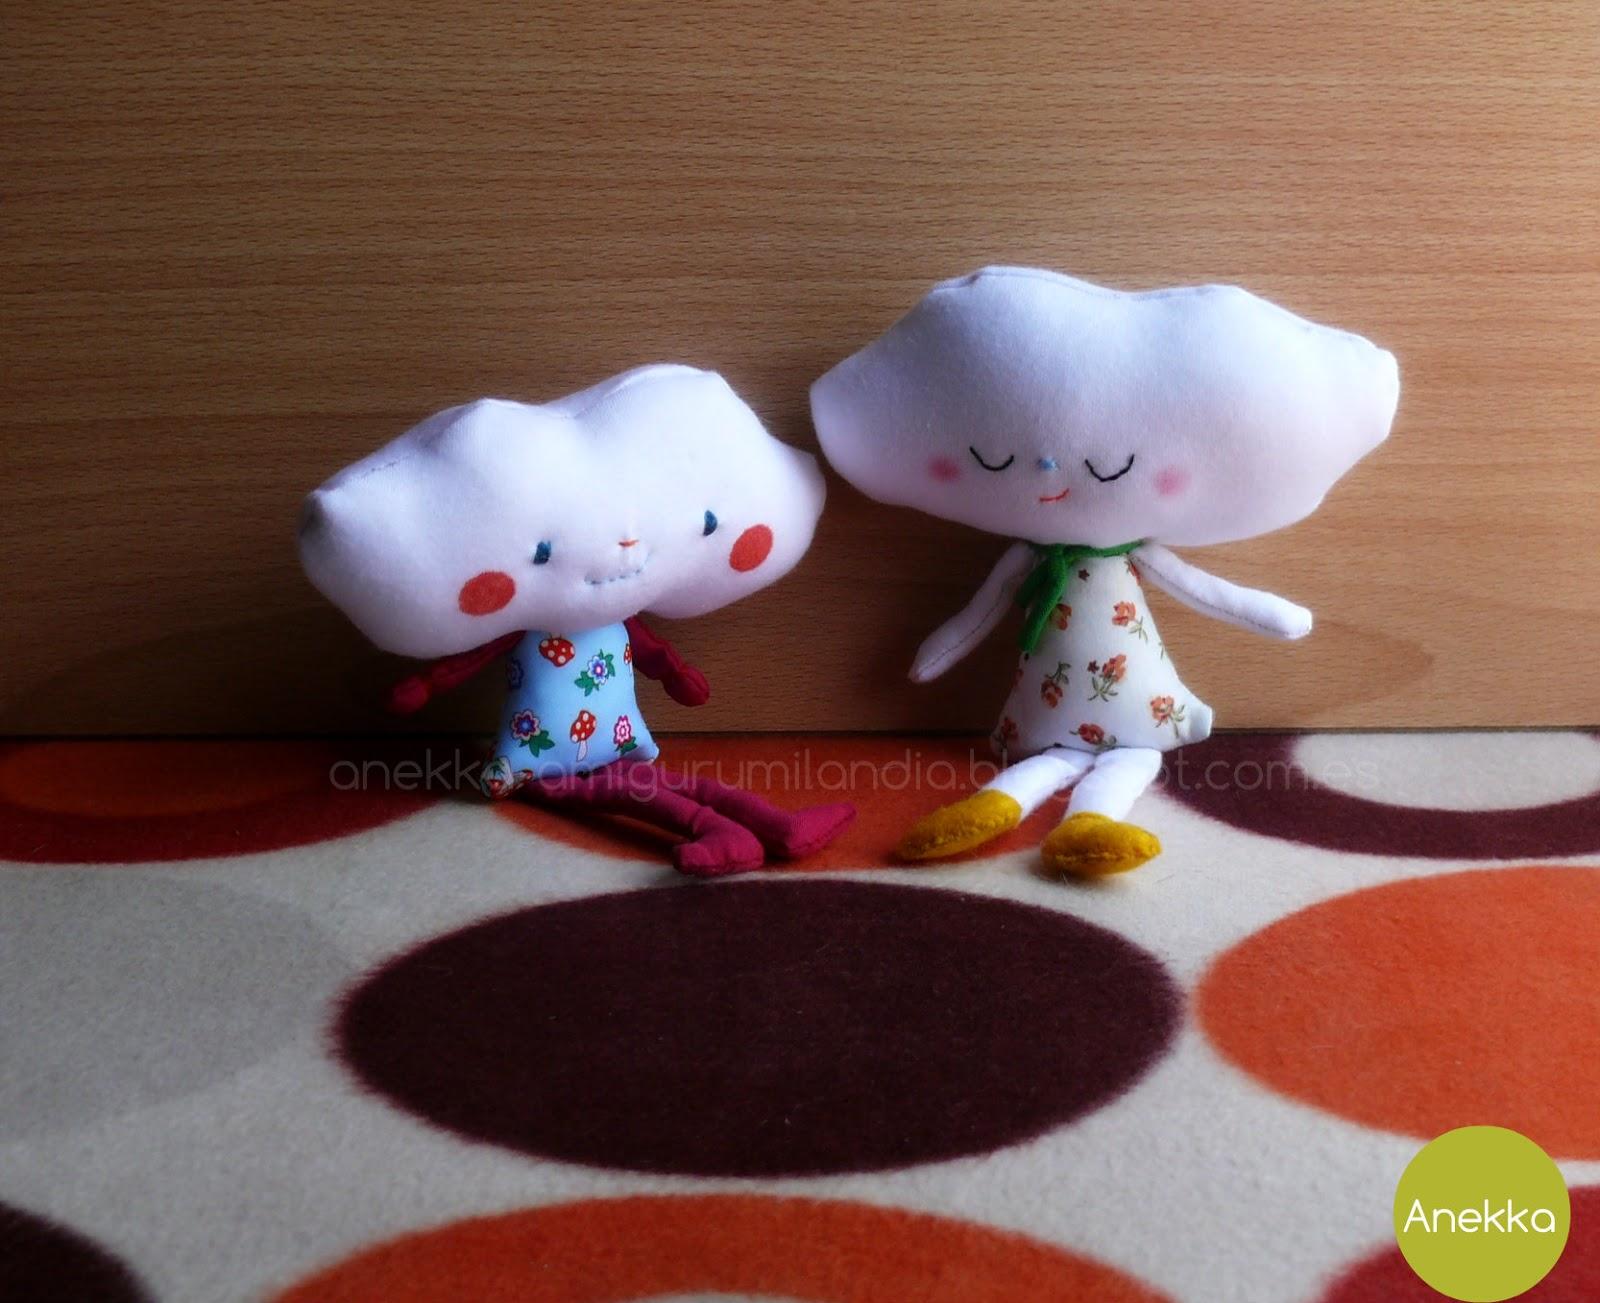 muñecas de trapo anekka handmade